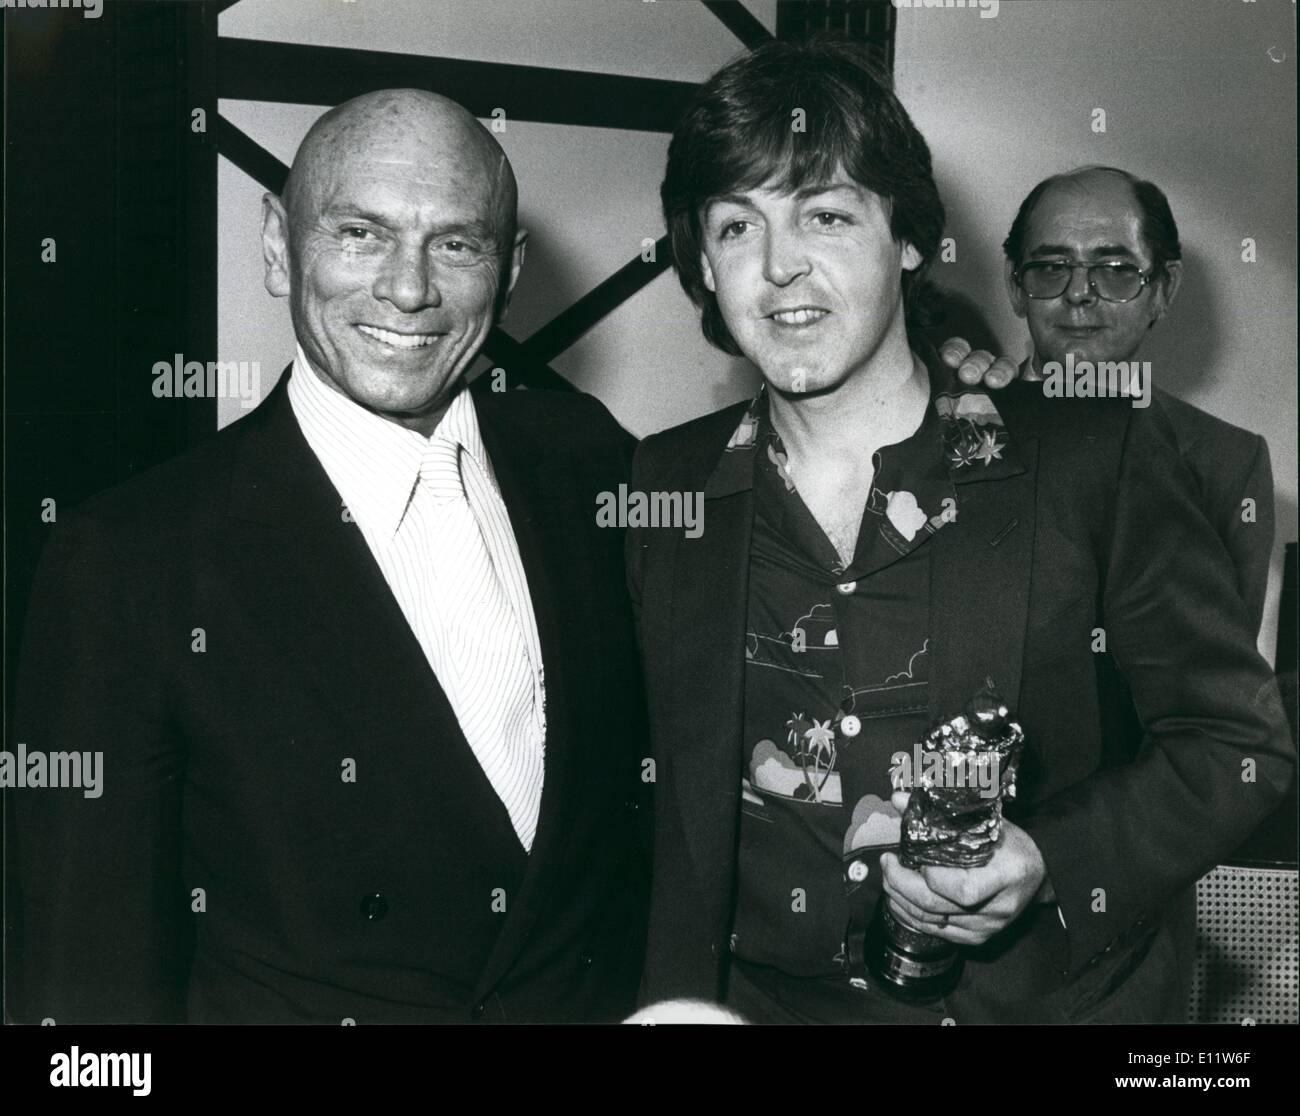 May 05, 1980 - Yul Brynner presents Ivor Novello Awards: The presentation of the Ivor Novello Award took place at Stock Photo